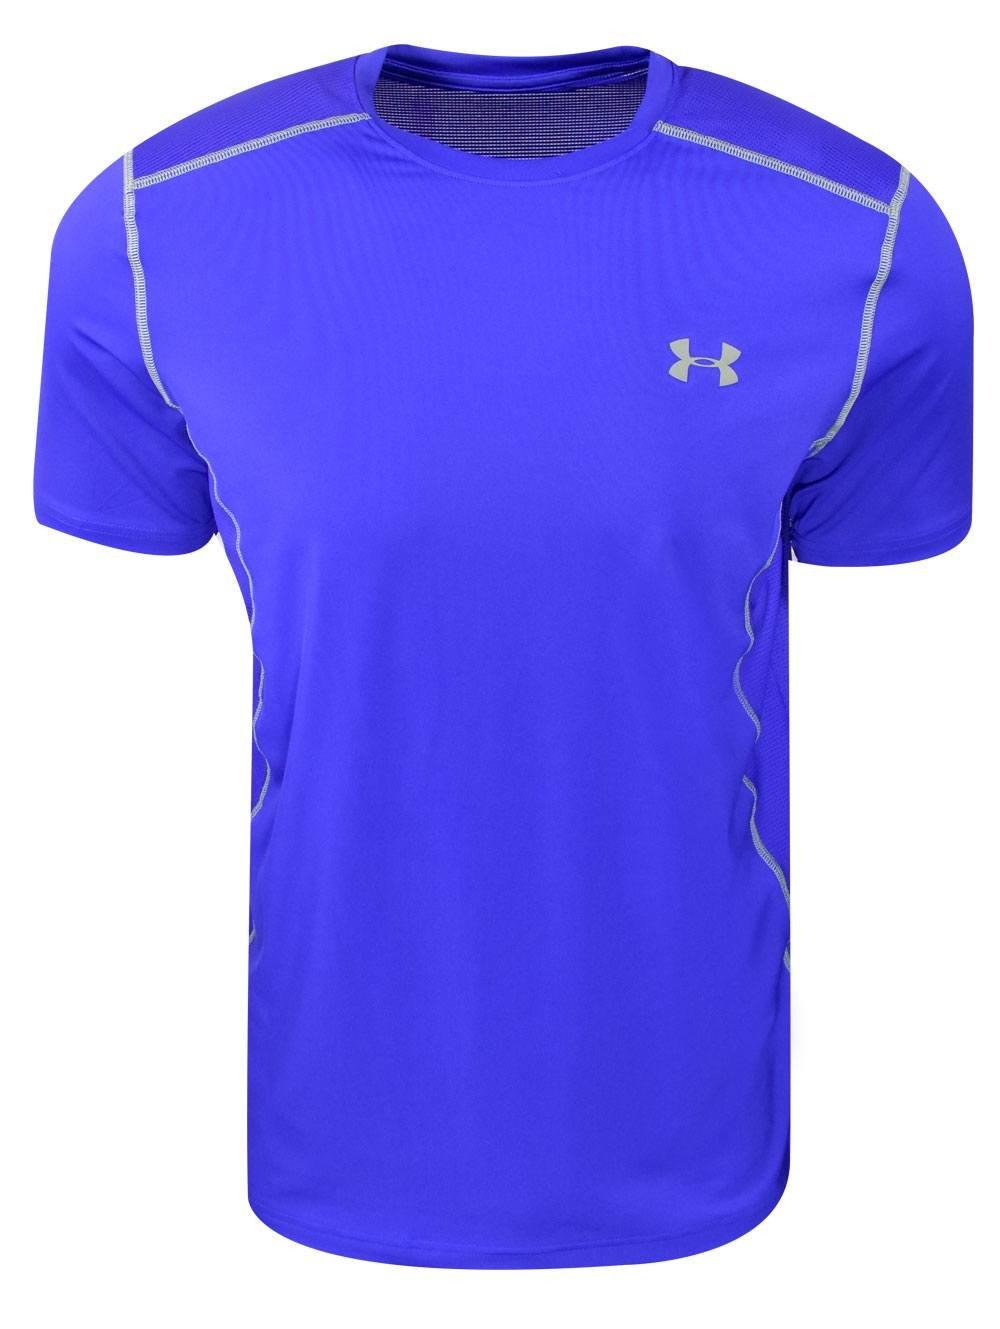 (アンダーアーマー) UNDER ARMOUR ヒットヒートギアSS(トレーニング/Tシャツ/MEN)[1257466] B06ZZ3BB1S 4L|Royal Blue/Steel Royal Blue/Steel 4L